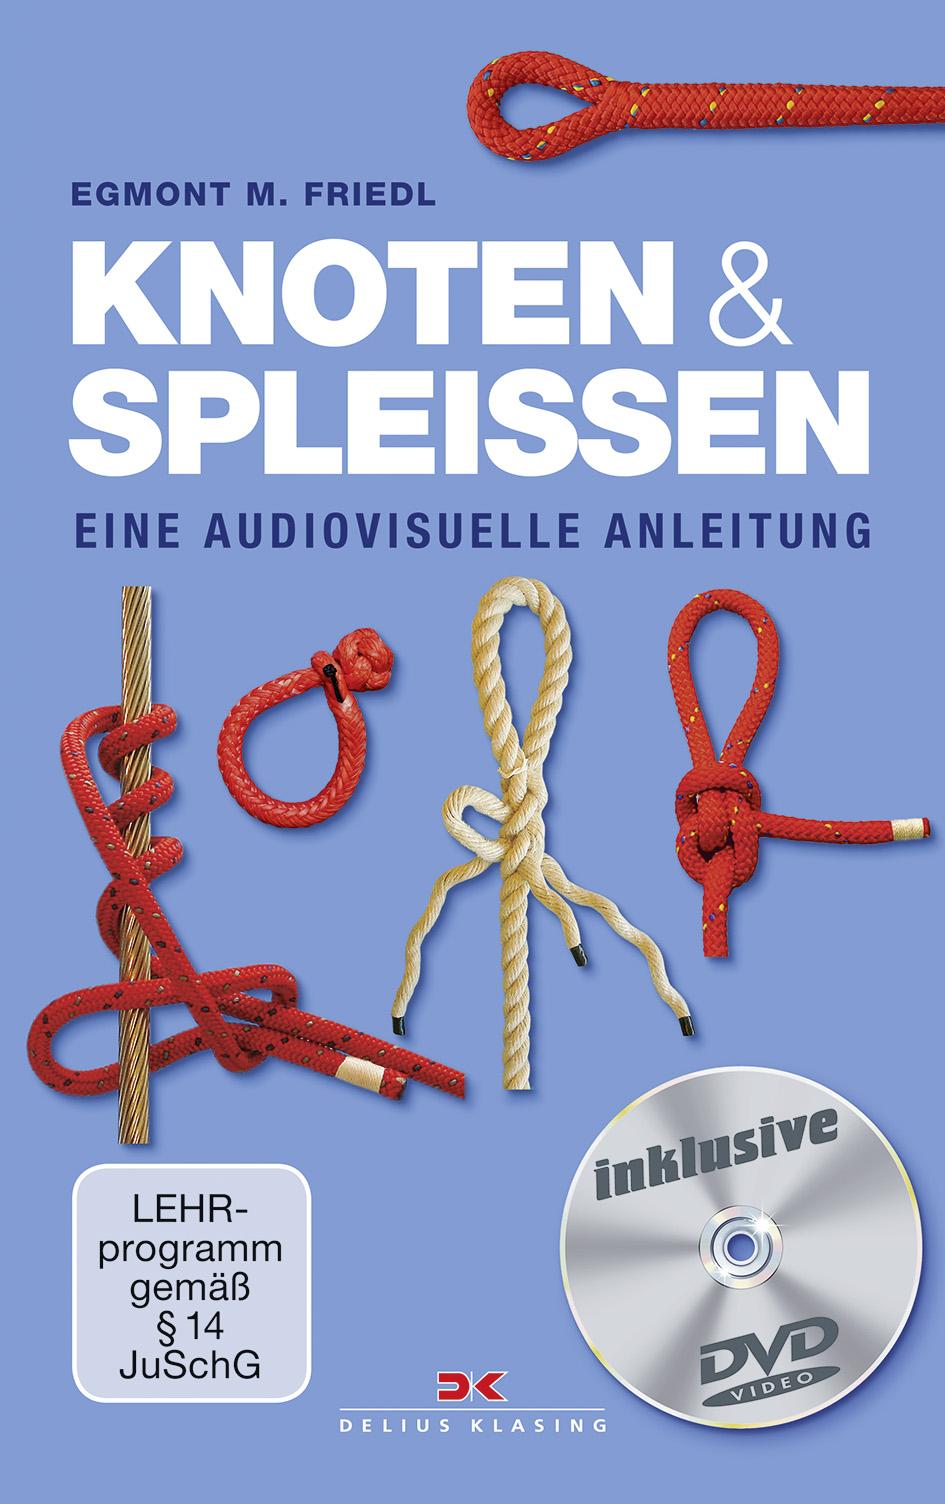 Egmont M. Friedl | Mitmach-Workshop für Segler: Knoten und Spleißen